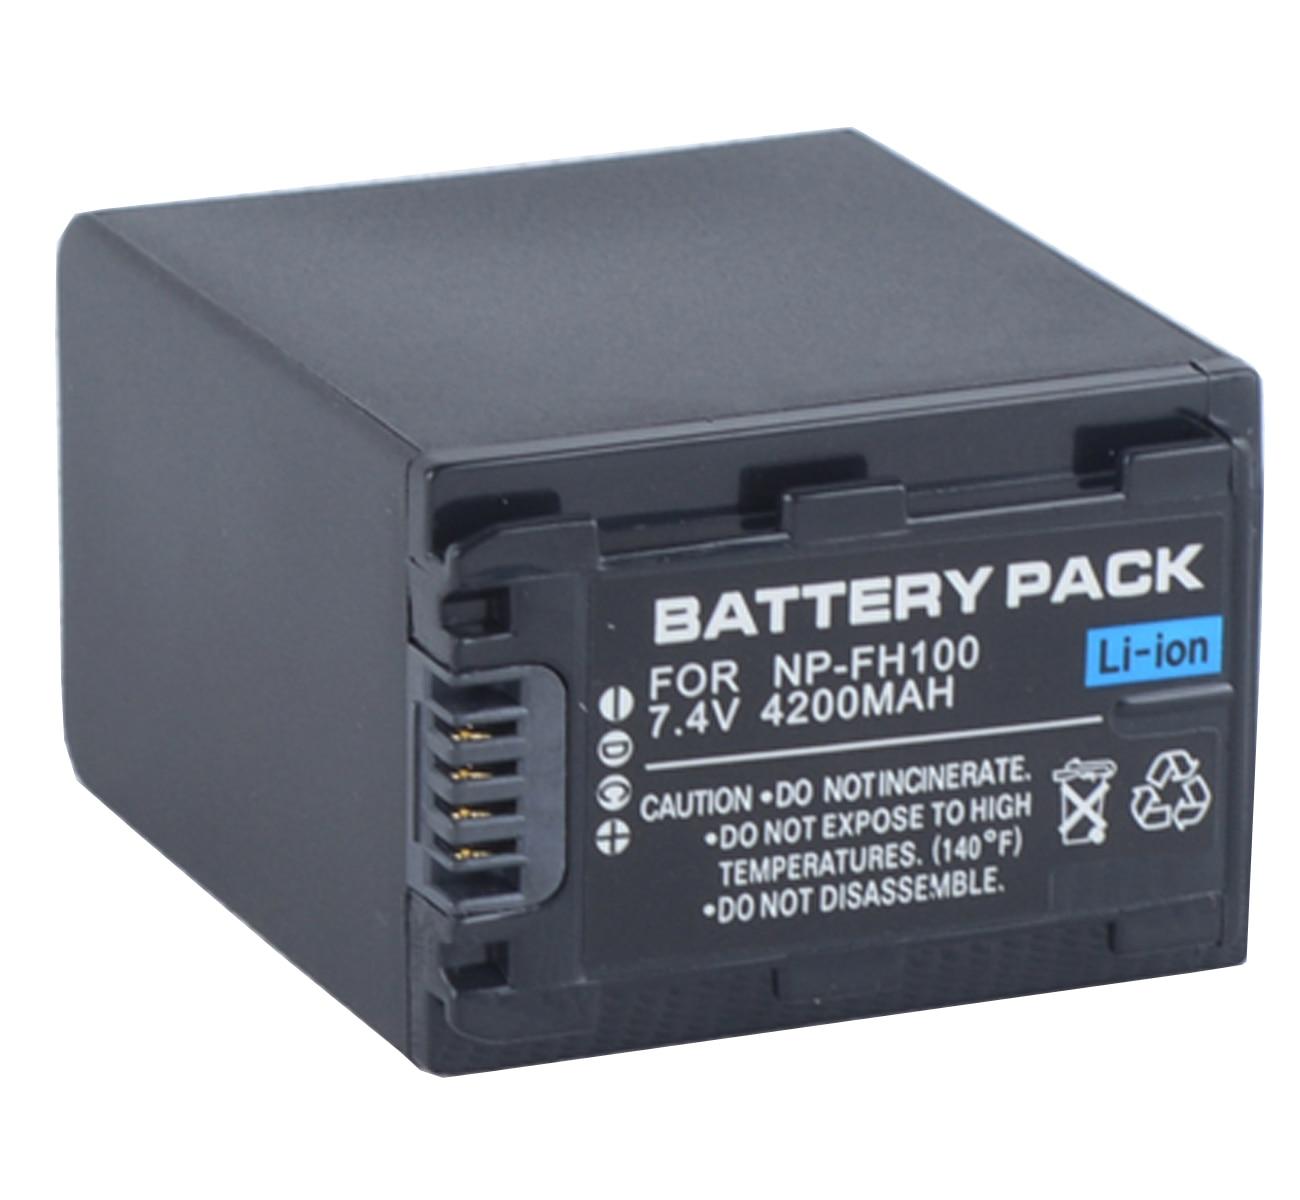 DCR-SR77 Handycam Camcorder Battery Pack for Sony DCR-SR72 DCR-SR75